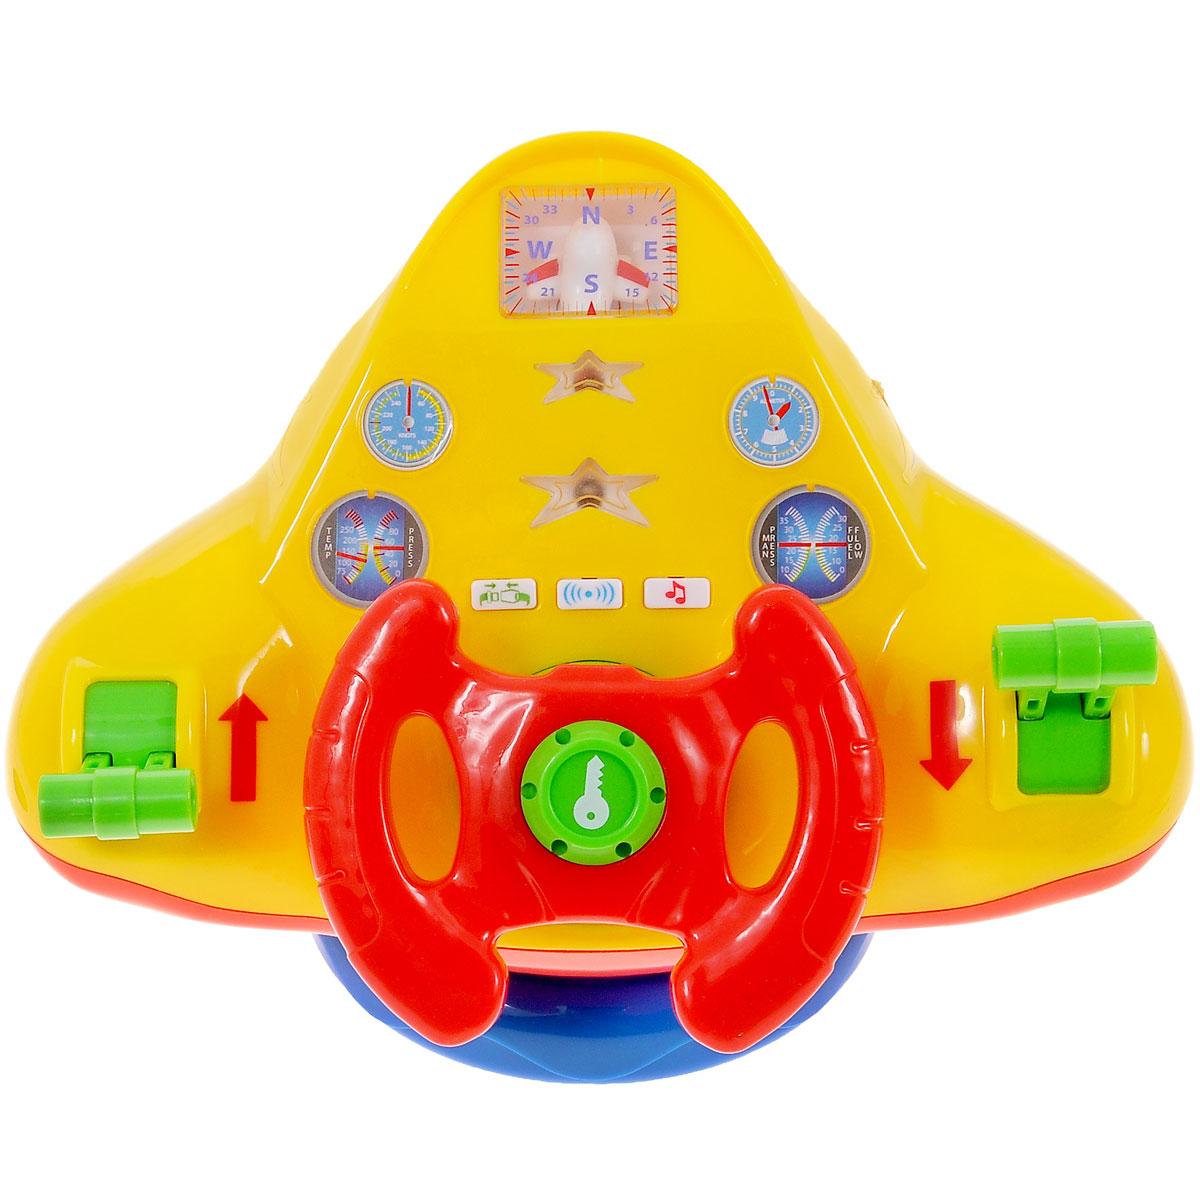 Kiddieland Развивающая игрушка Штурвал самолетаKID 047605Теперь малыши смогут летать не только во сне, но и наяву. Держась ручками за яркий штурвал, изготовленный из пластмассы, ребятишки поднимут стального гиганта вверх, держа курс на горизонт. Внимательно следя глазками за показателями всевозможных приборов, сверяя свое направление с компасом, изредка дергая различные рычажки, станут парить в воздухе на крыльях своей фантазии. Развивающая игрушка Kiddieland Штурвал самолета не оставит равнодушным ни одного мальчишку. Родители могут приять участие в этом безобидном развлечении, разыгрывая роль пассажиров. Помимо обилия красивых кнопочек и рычажков, игрушка привлекает и наличием интересных звуковых и световых эффектов. . Игрушка способствует развитию, мелкой моторики, цветовосприятия, воображения и творческого мышления. Рекомендуемый возраст: от 18 месяцев. Питание: 2 батарейки типа АА (входят в комплект).